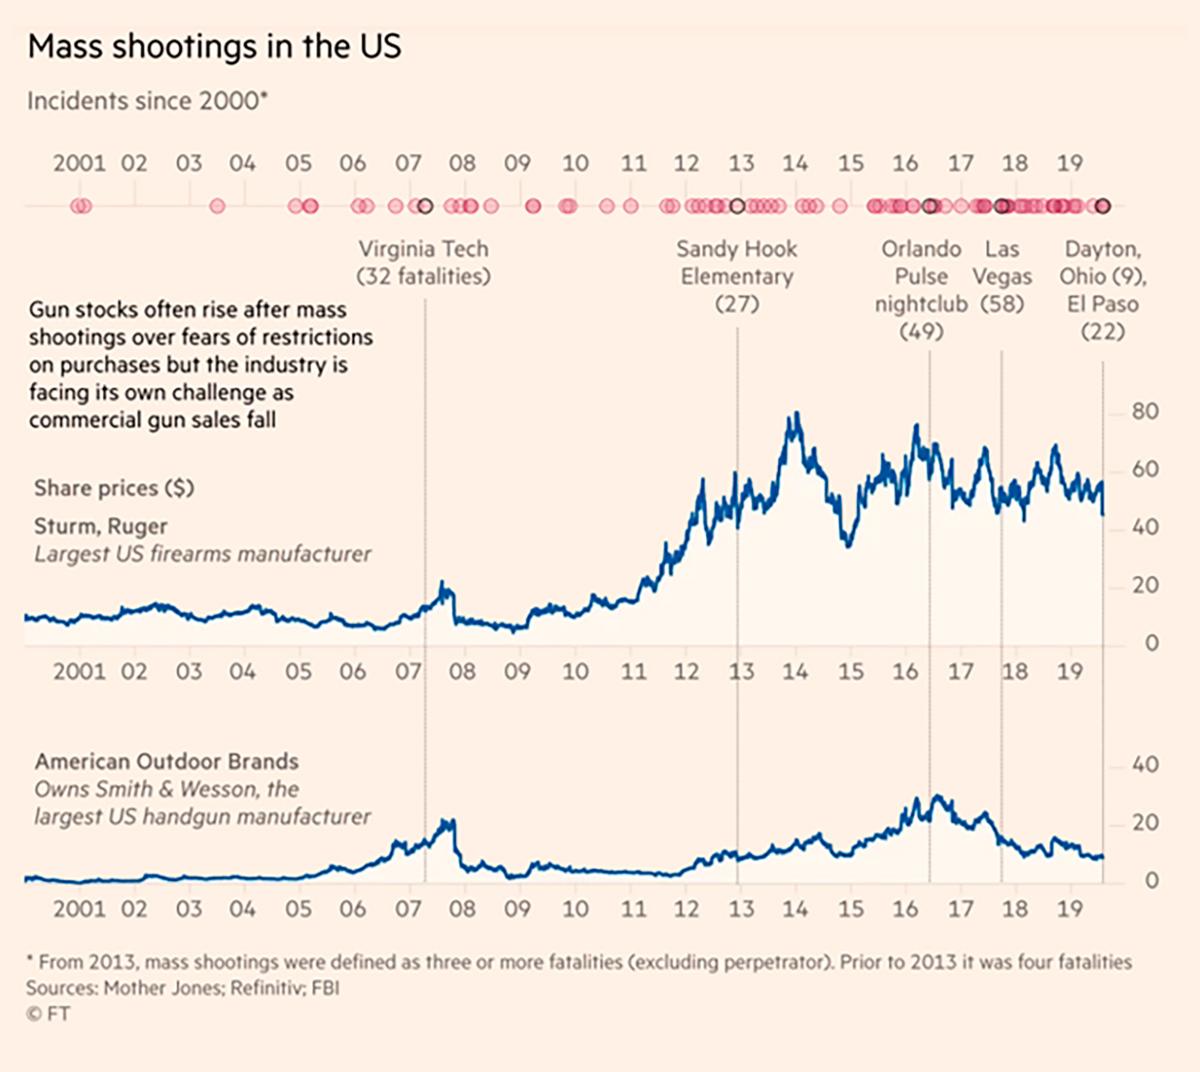 Корреляция между массовой стрельбой и ростом акций производителей оружия. Источник:FinancialTimes